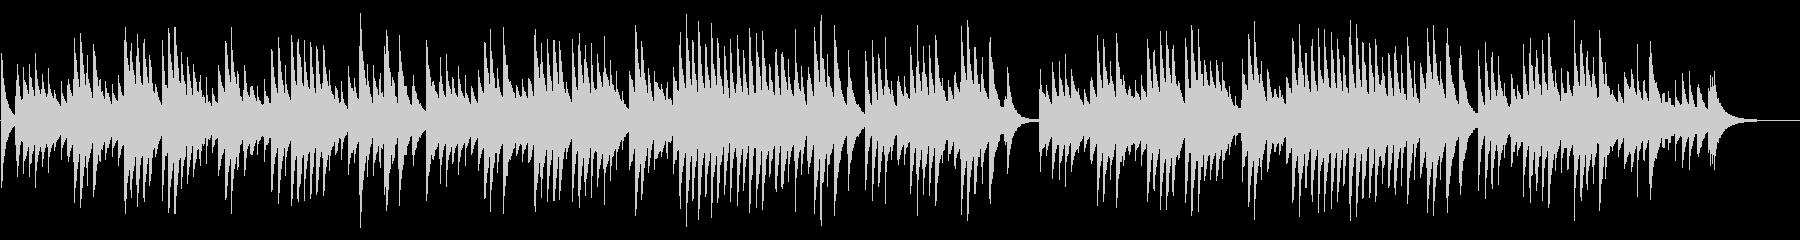 別れの曲 72弁オルゴールの未再生の波形